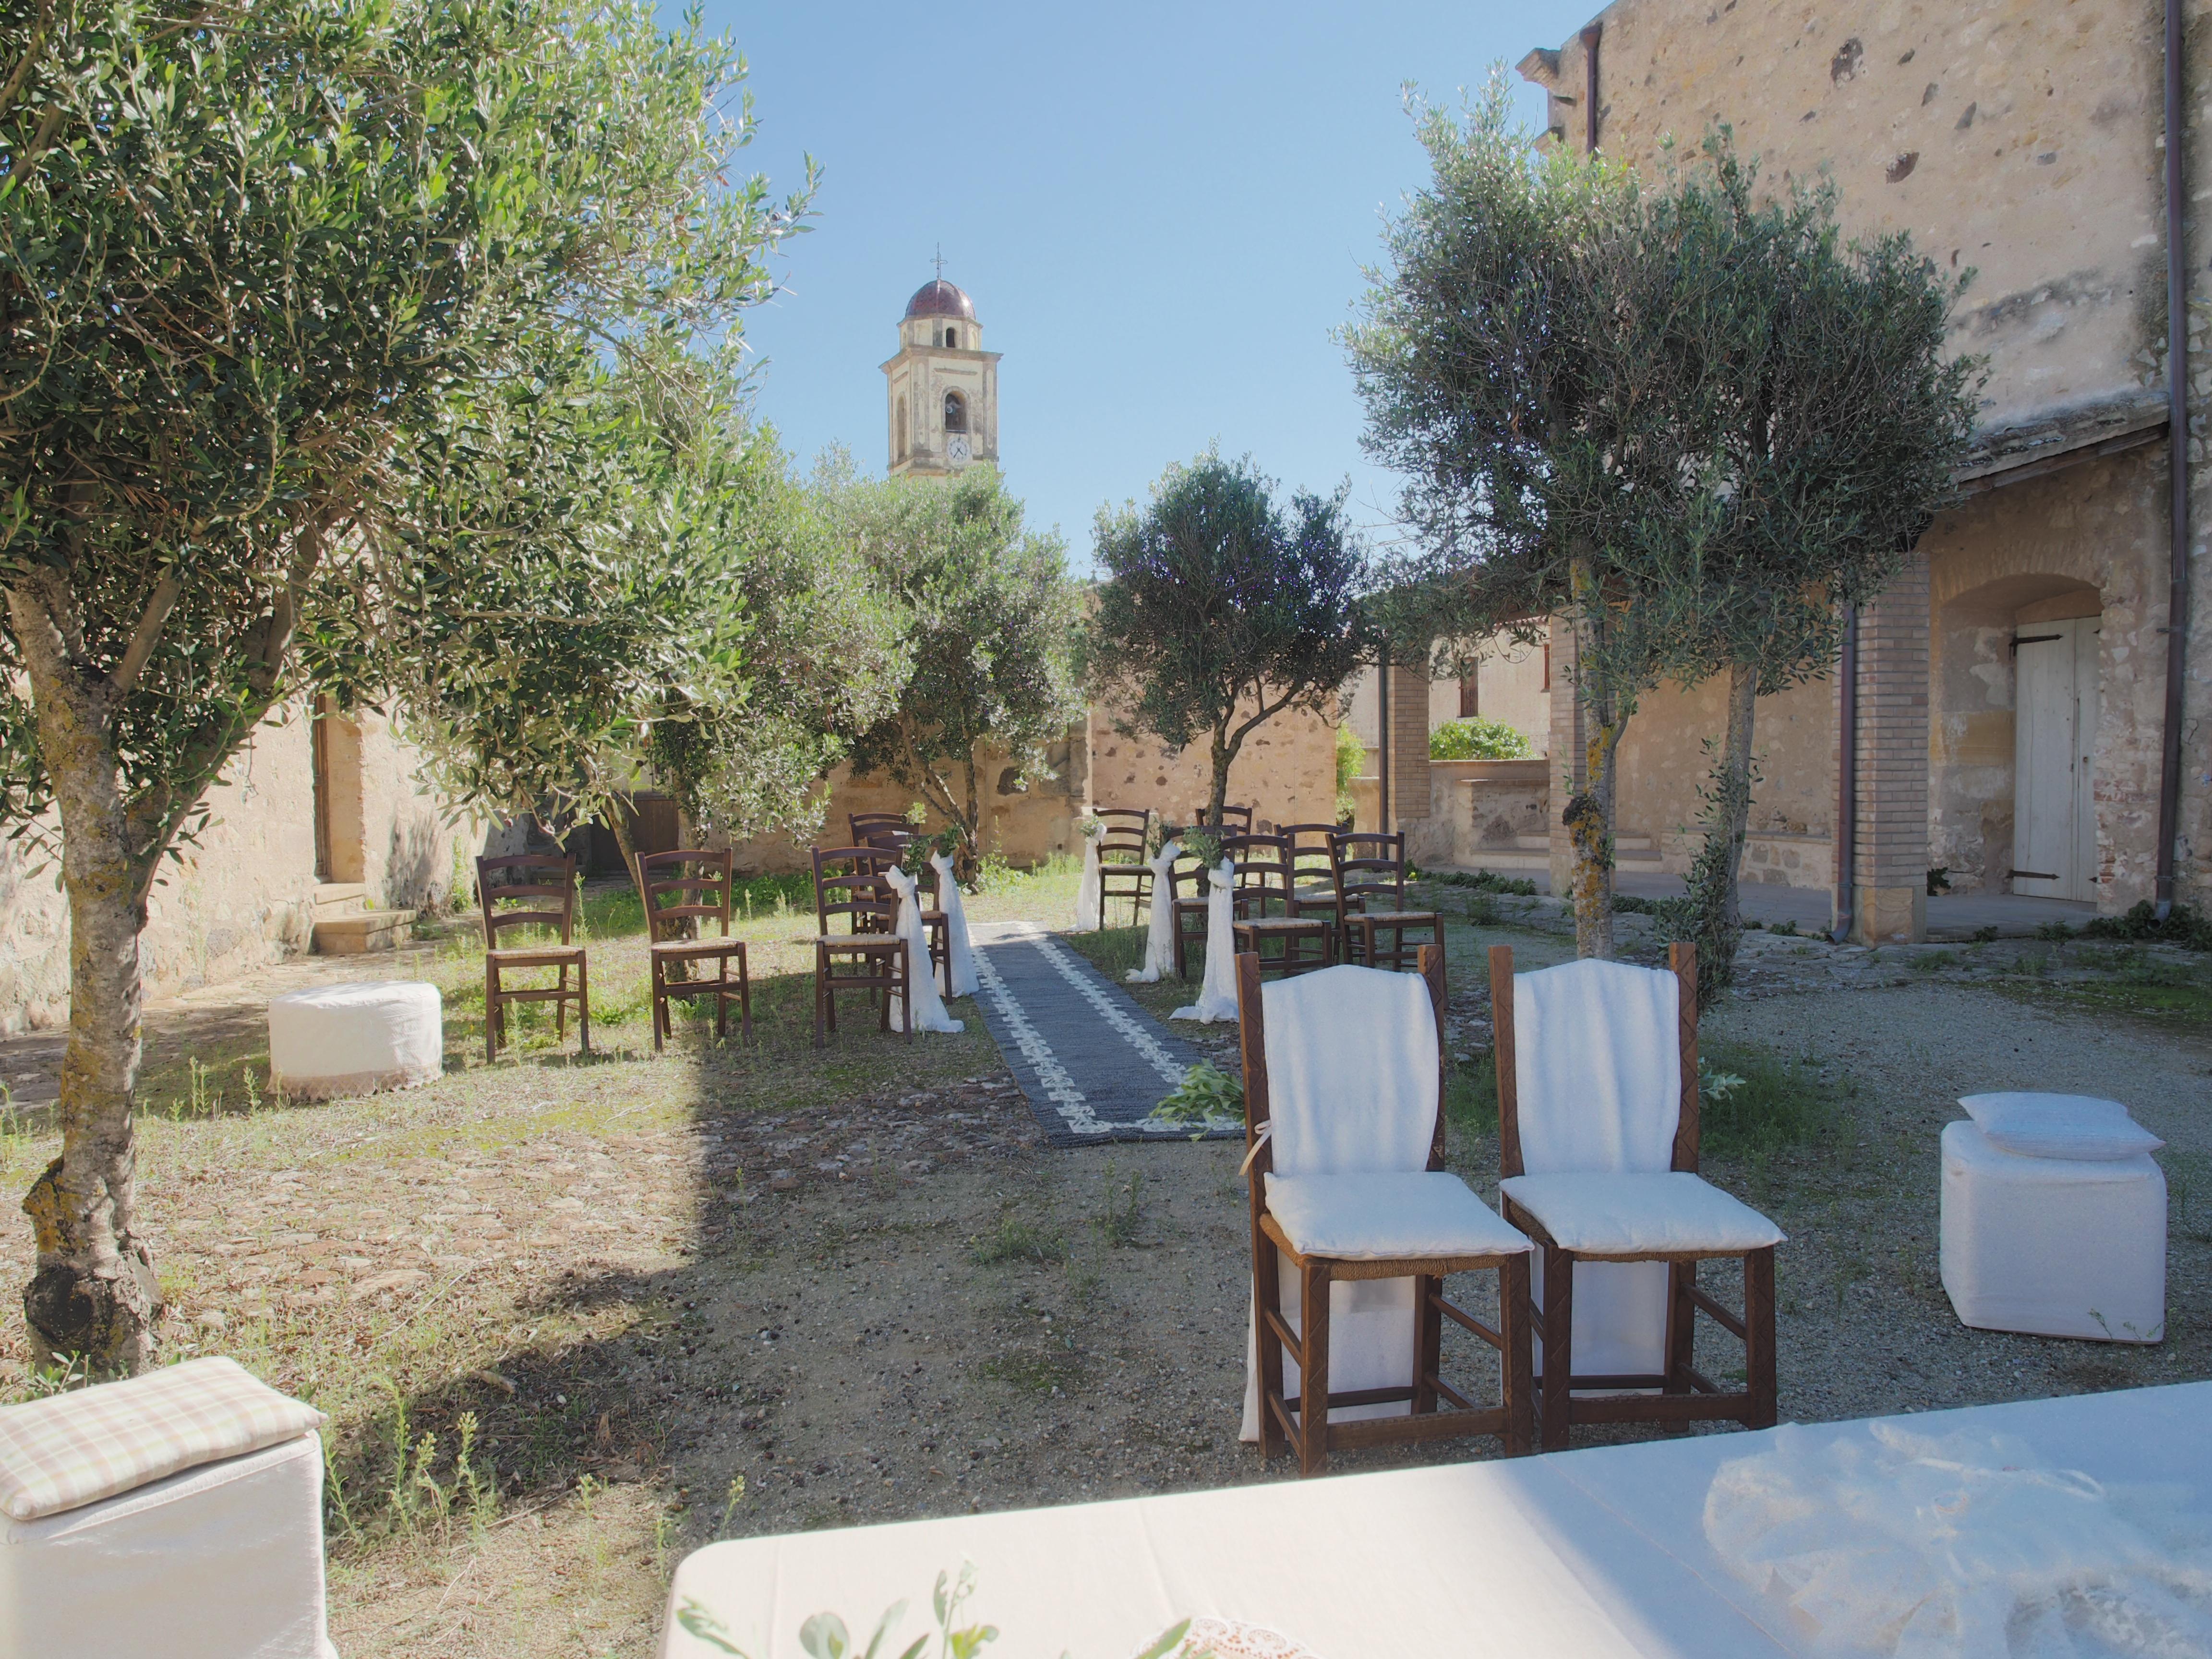 Matrimonio all'aperto Sardegna